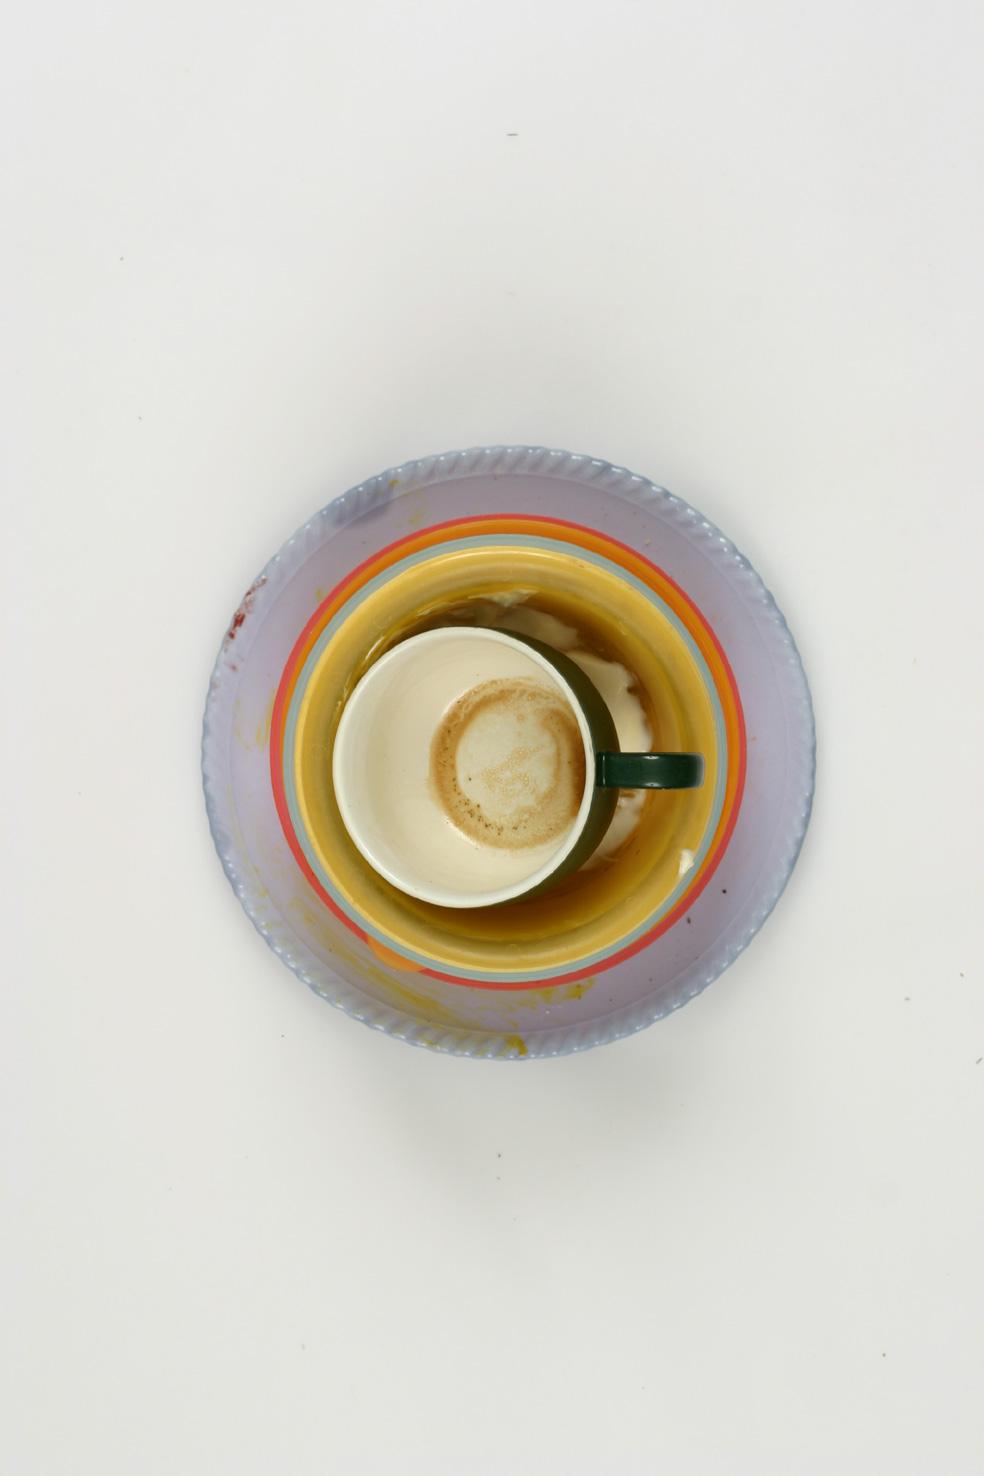 Vin Ryan, Meals Eaten by Vin, Lisa and Lewis in 2010 (Stack 1), 2010, digital print, 37 x 25cm